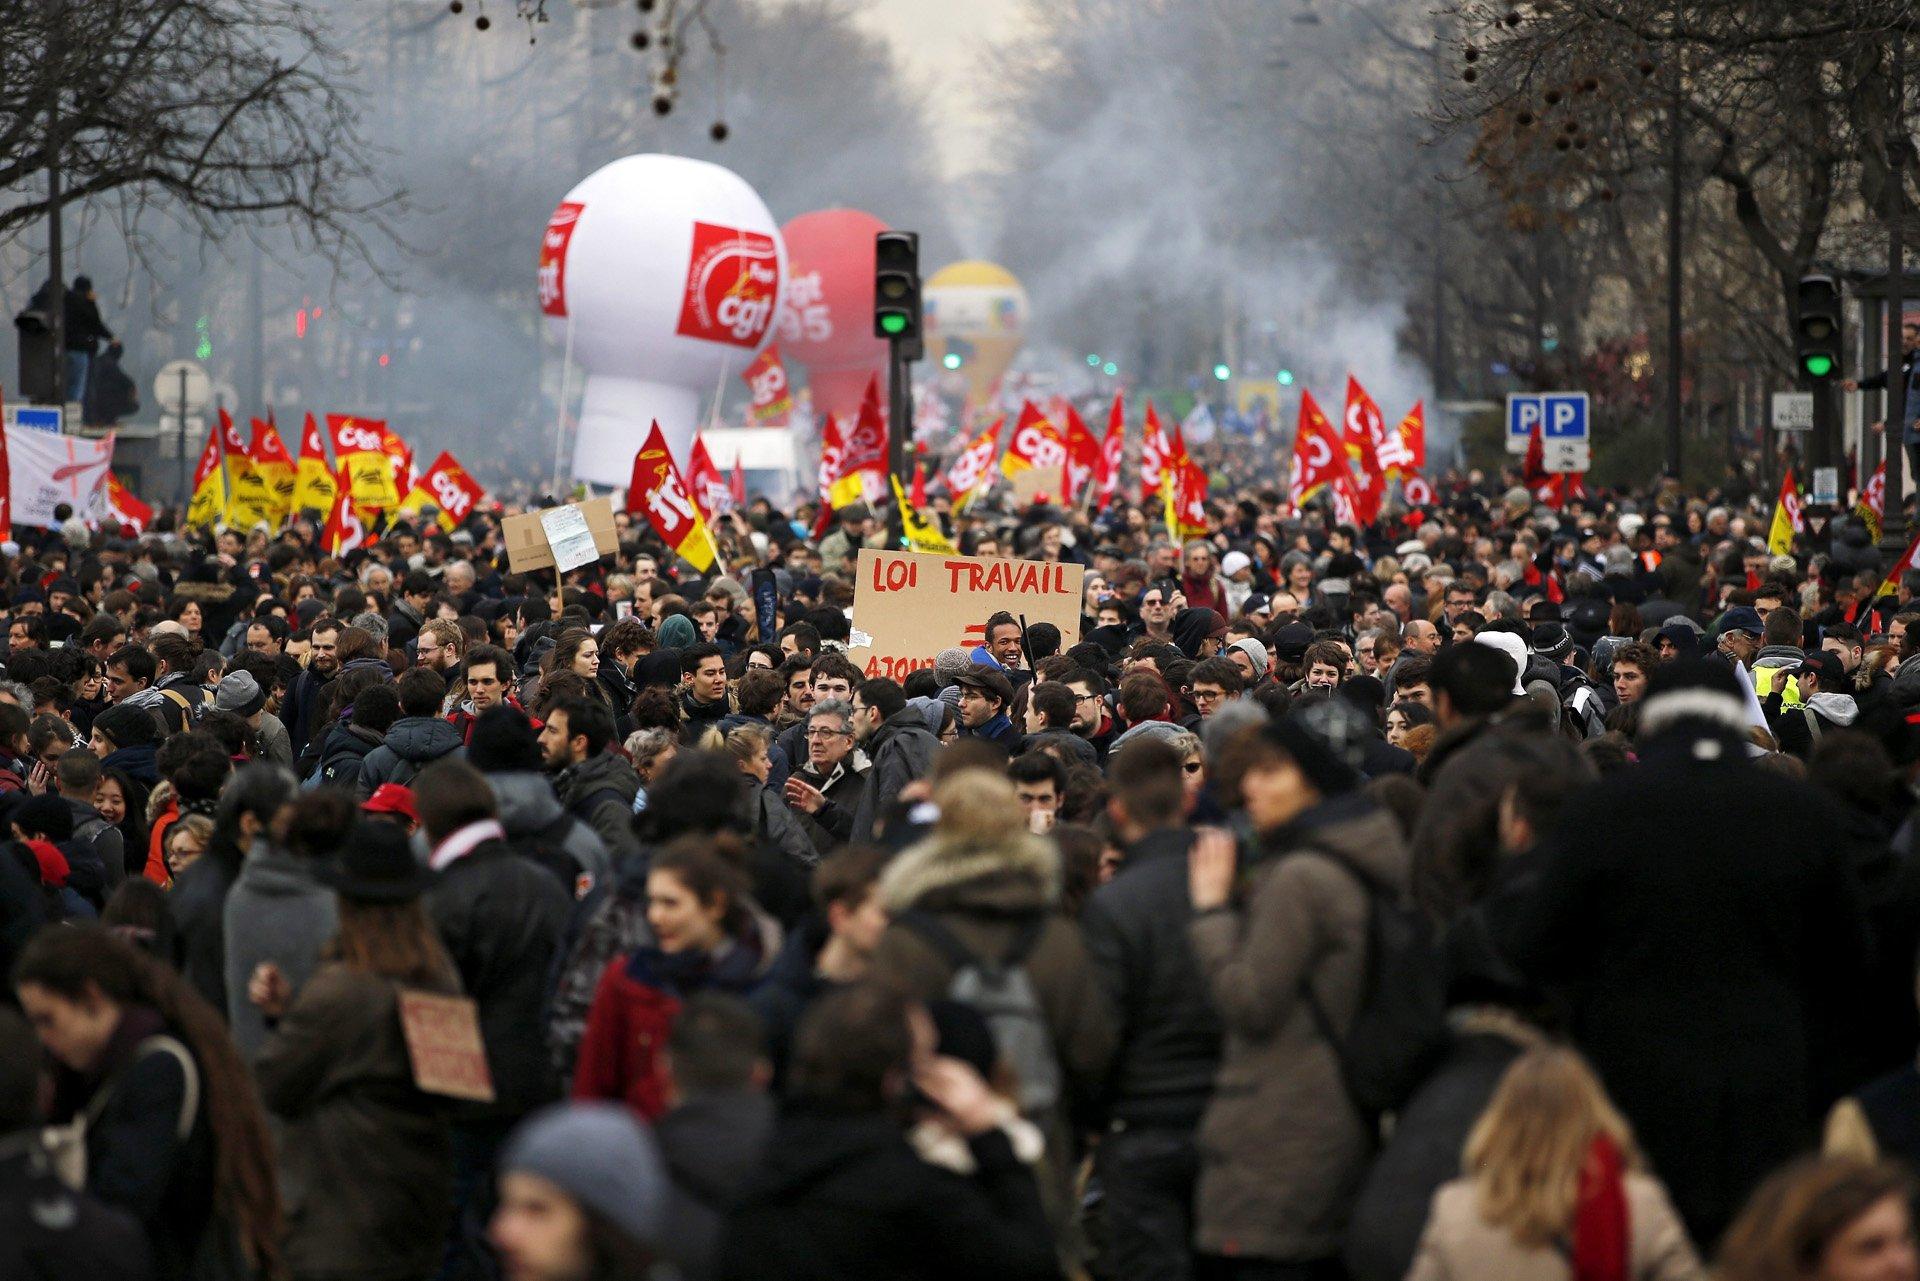 Varias personas protestan contra la reforma laboral gubernamental en Burdeos, Francia